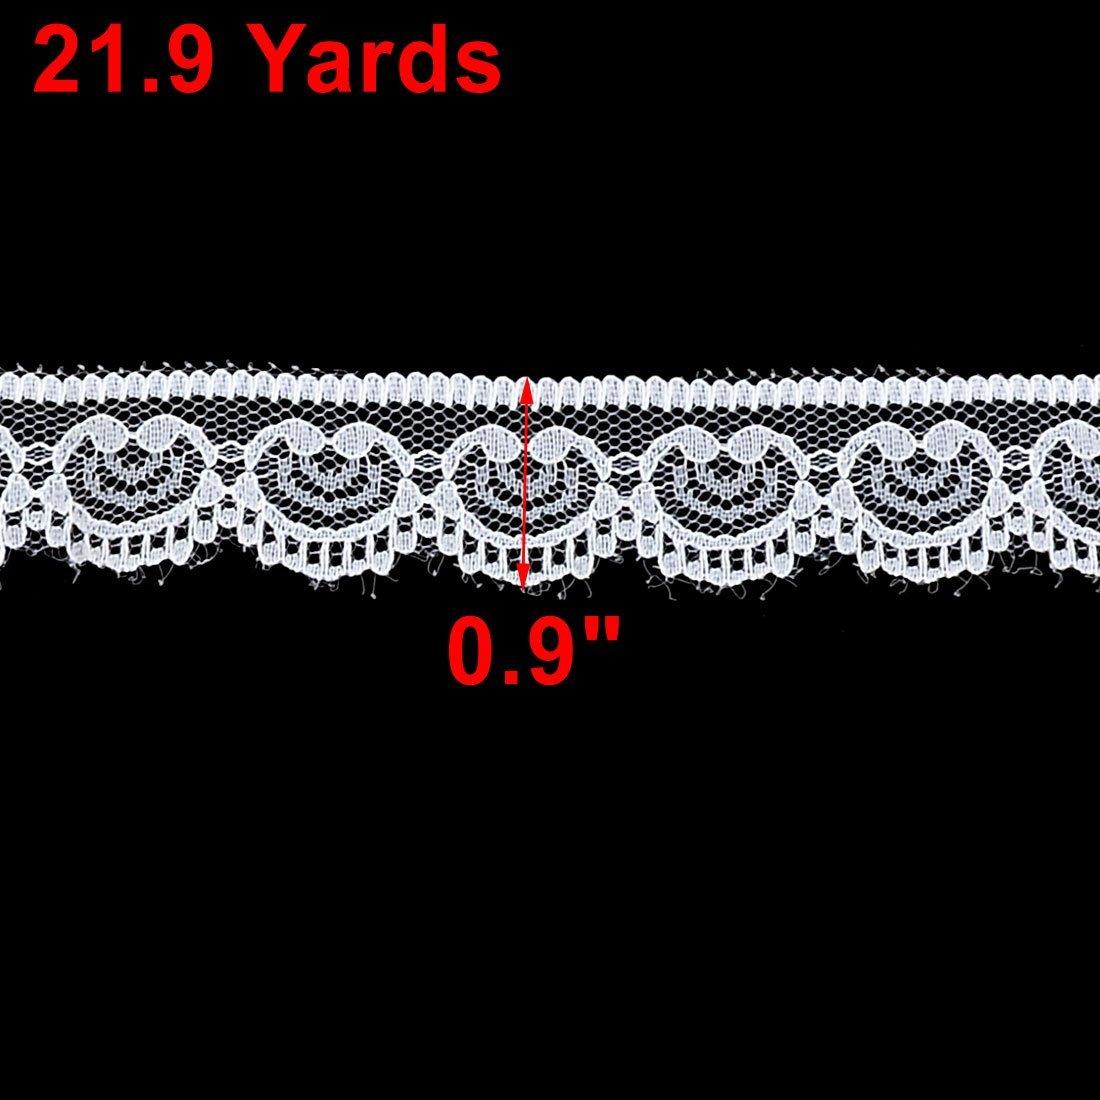 Amazon.com: eDealMax Partido poliéster arte de DIY Falda personalizada Con borde de Encaje apliques 21.9 yardas Blanca